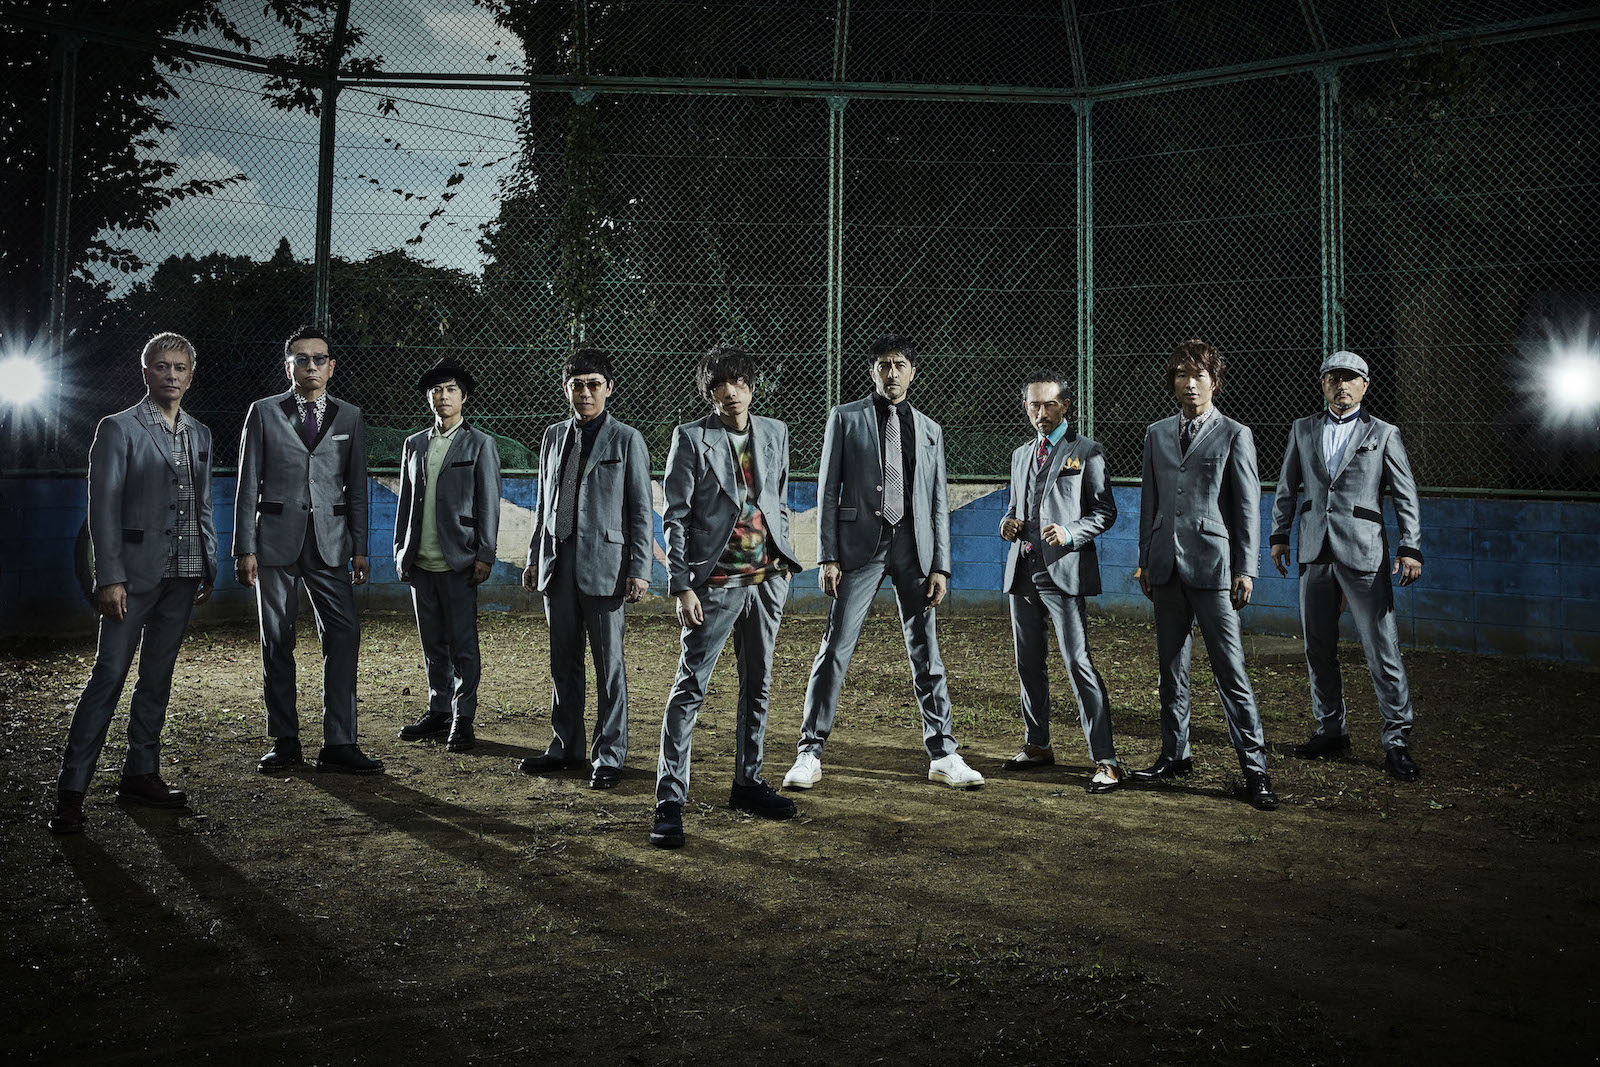 スカパラ、最新アーティスト写真を解禁&銀杏BOYZ 峯田和伸とのコラボ楽曲がアナログ化サムネイル画像